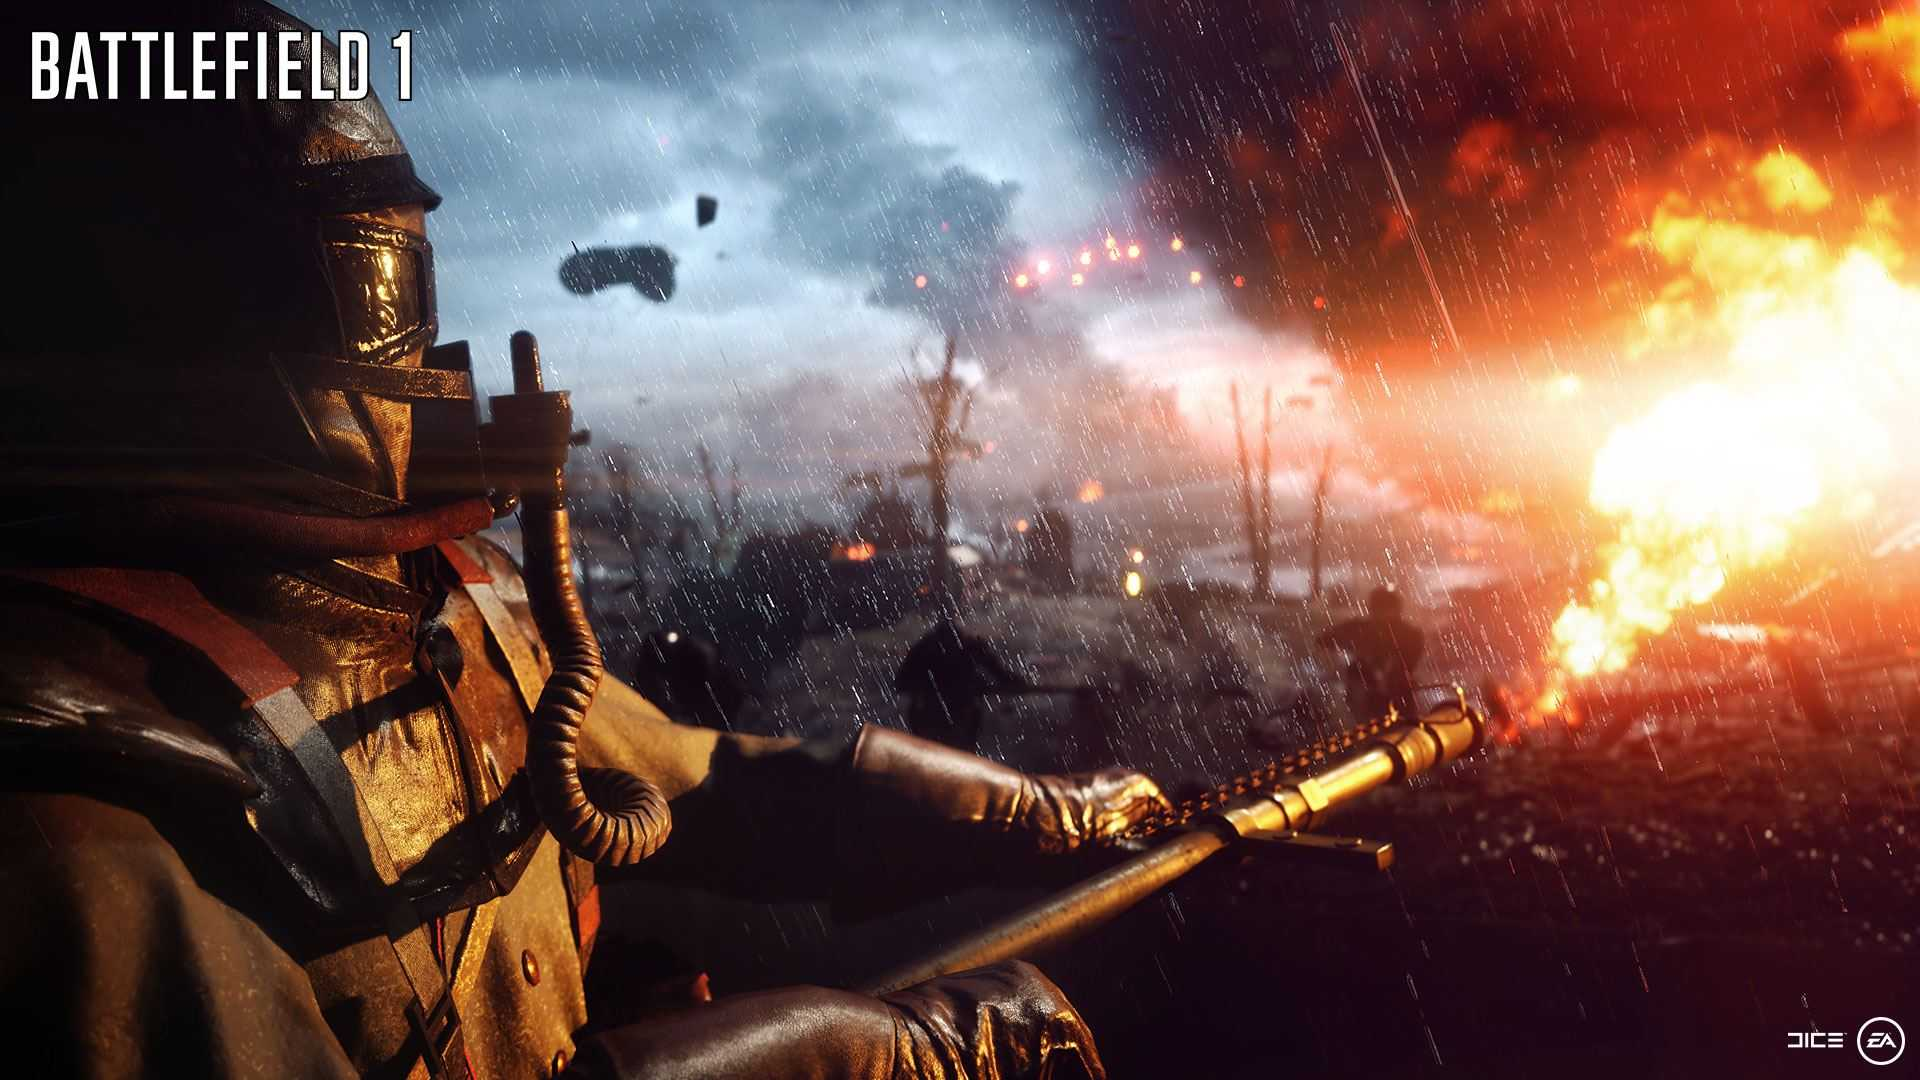 Battlefield 1'e gelecek ilk DLC ücretsiz olabilir!